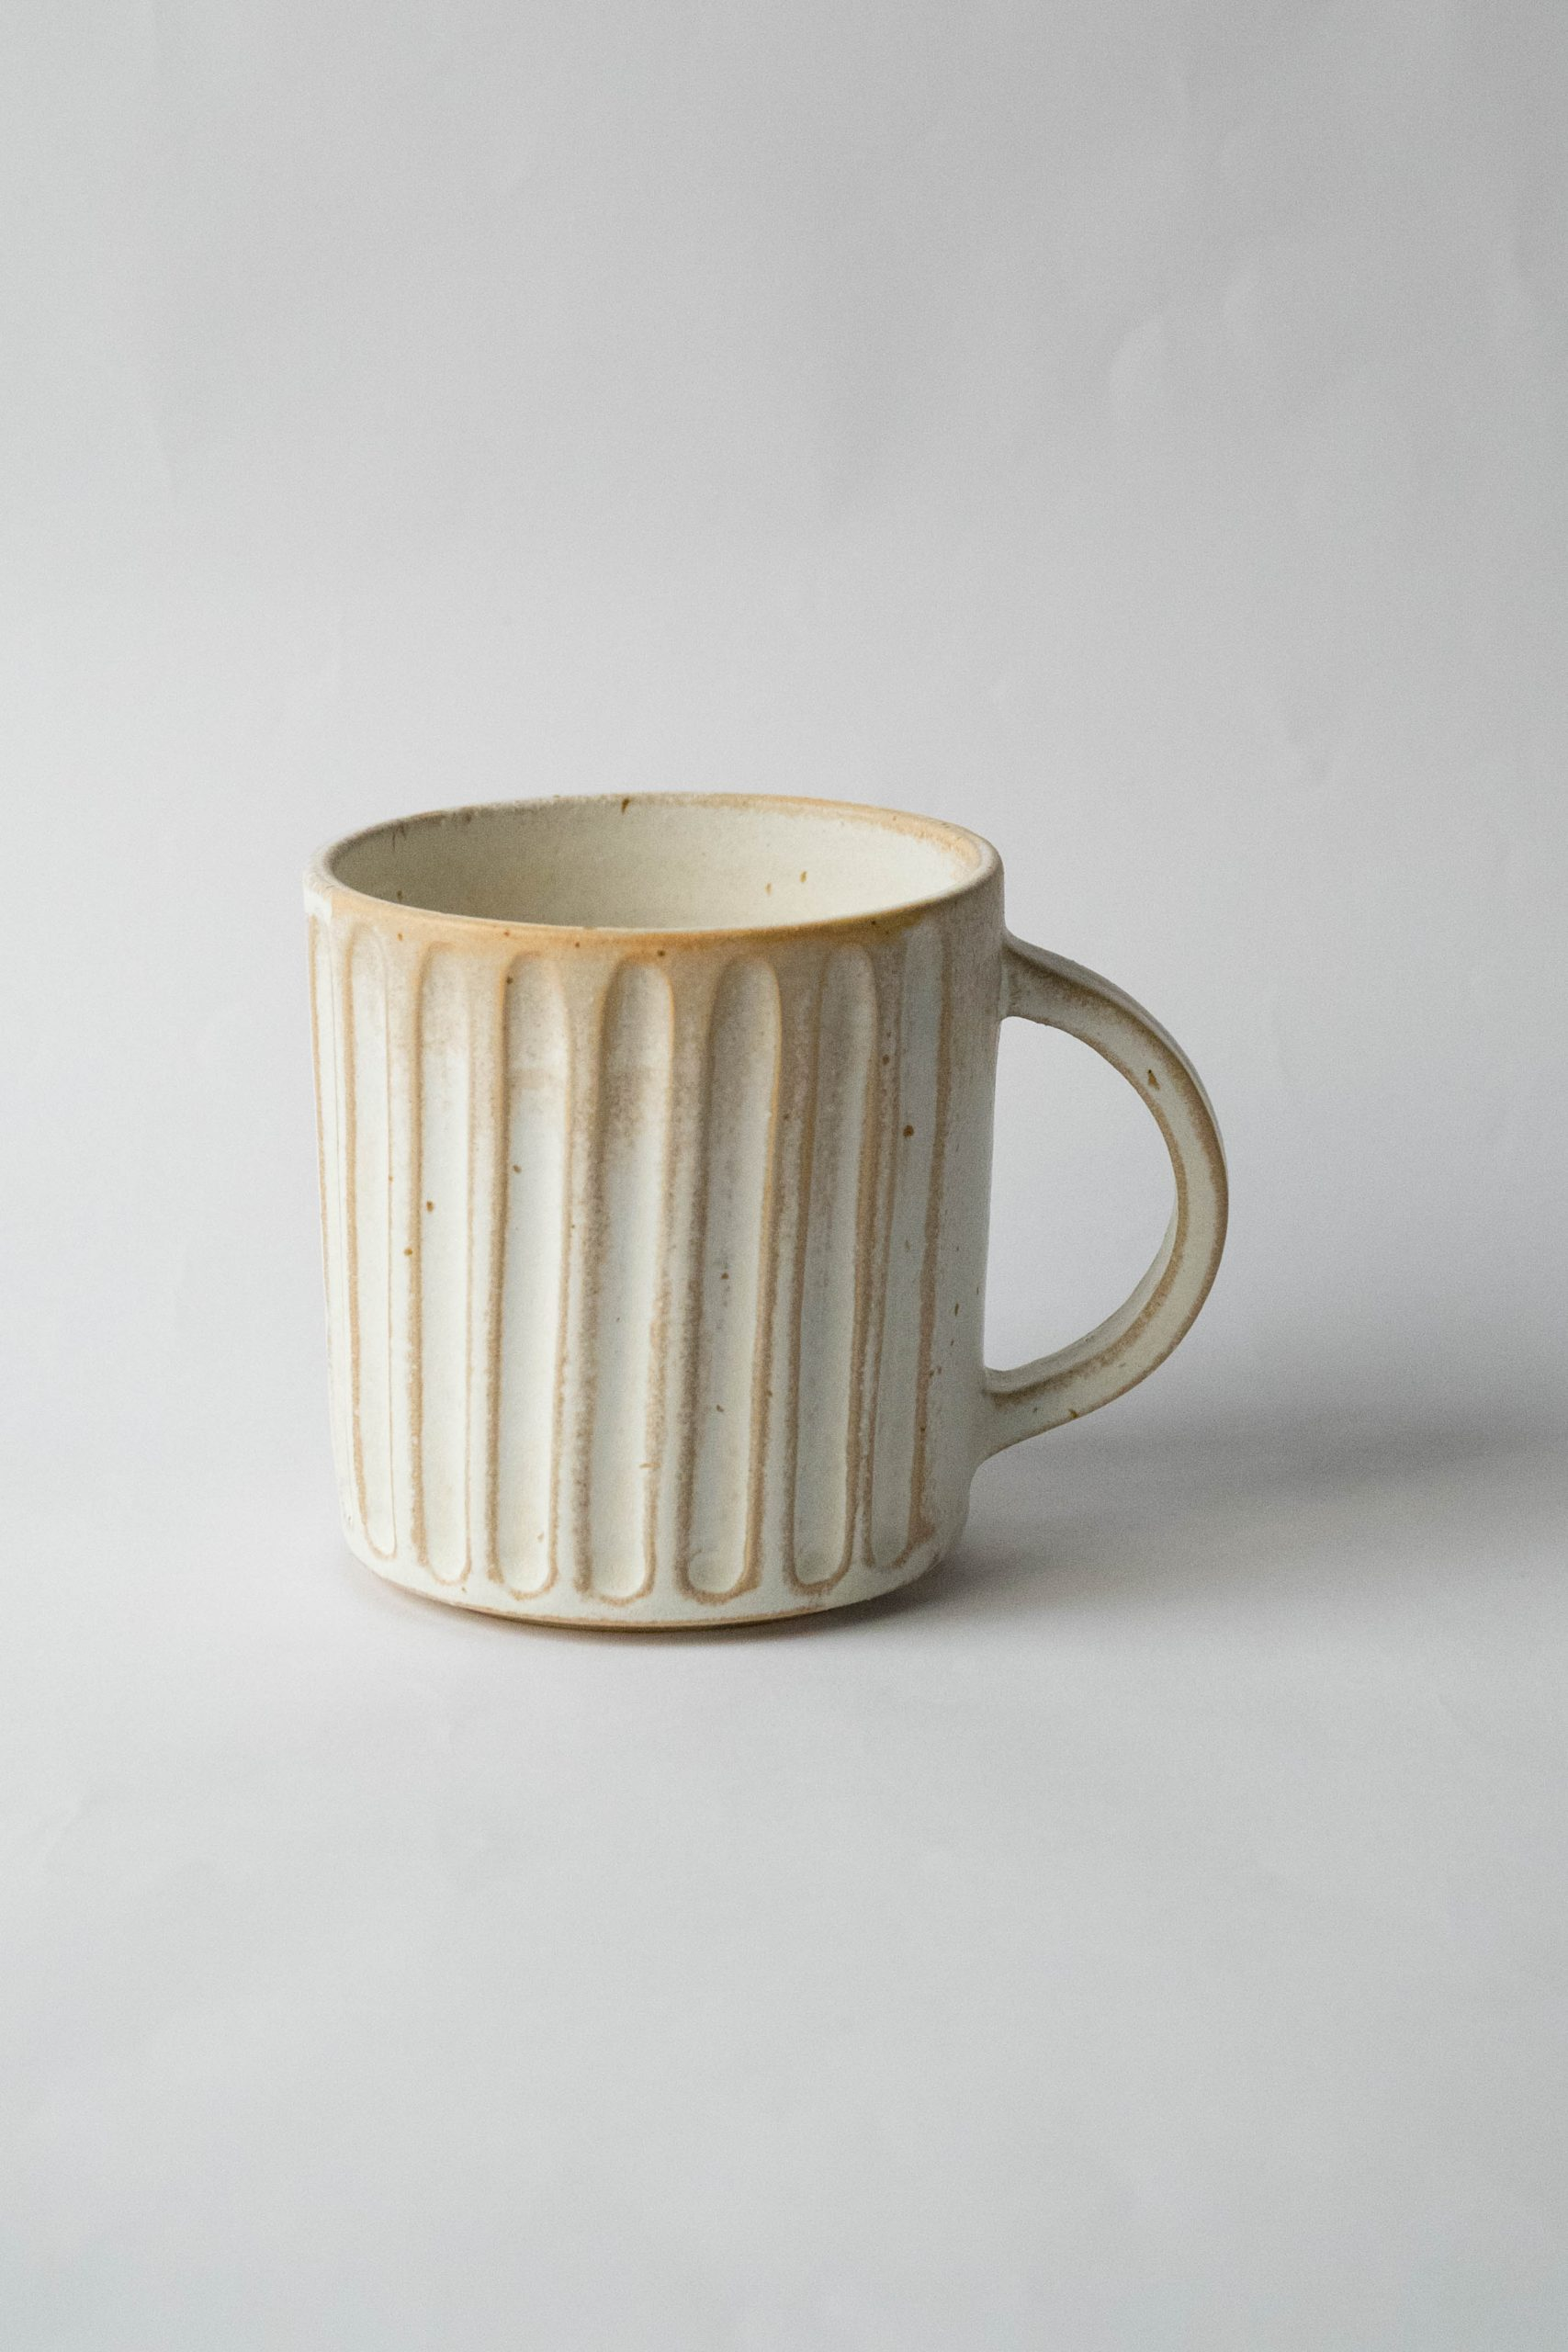 taza ceramica de calidad hecha a mano decorativa diseño calidad